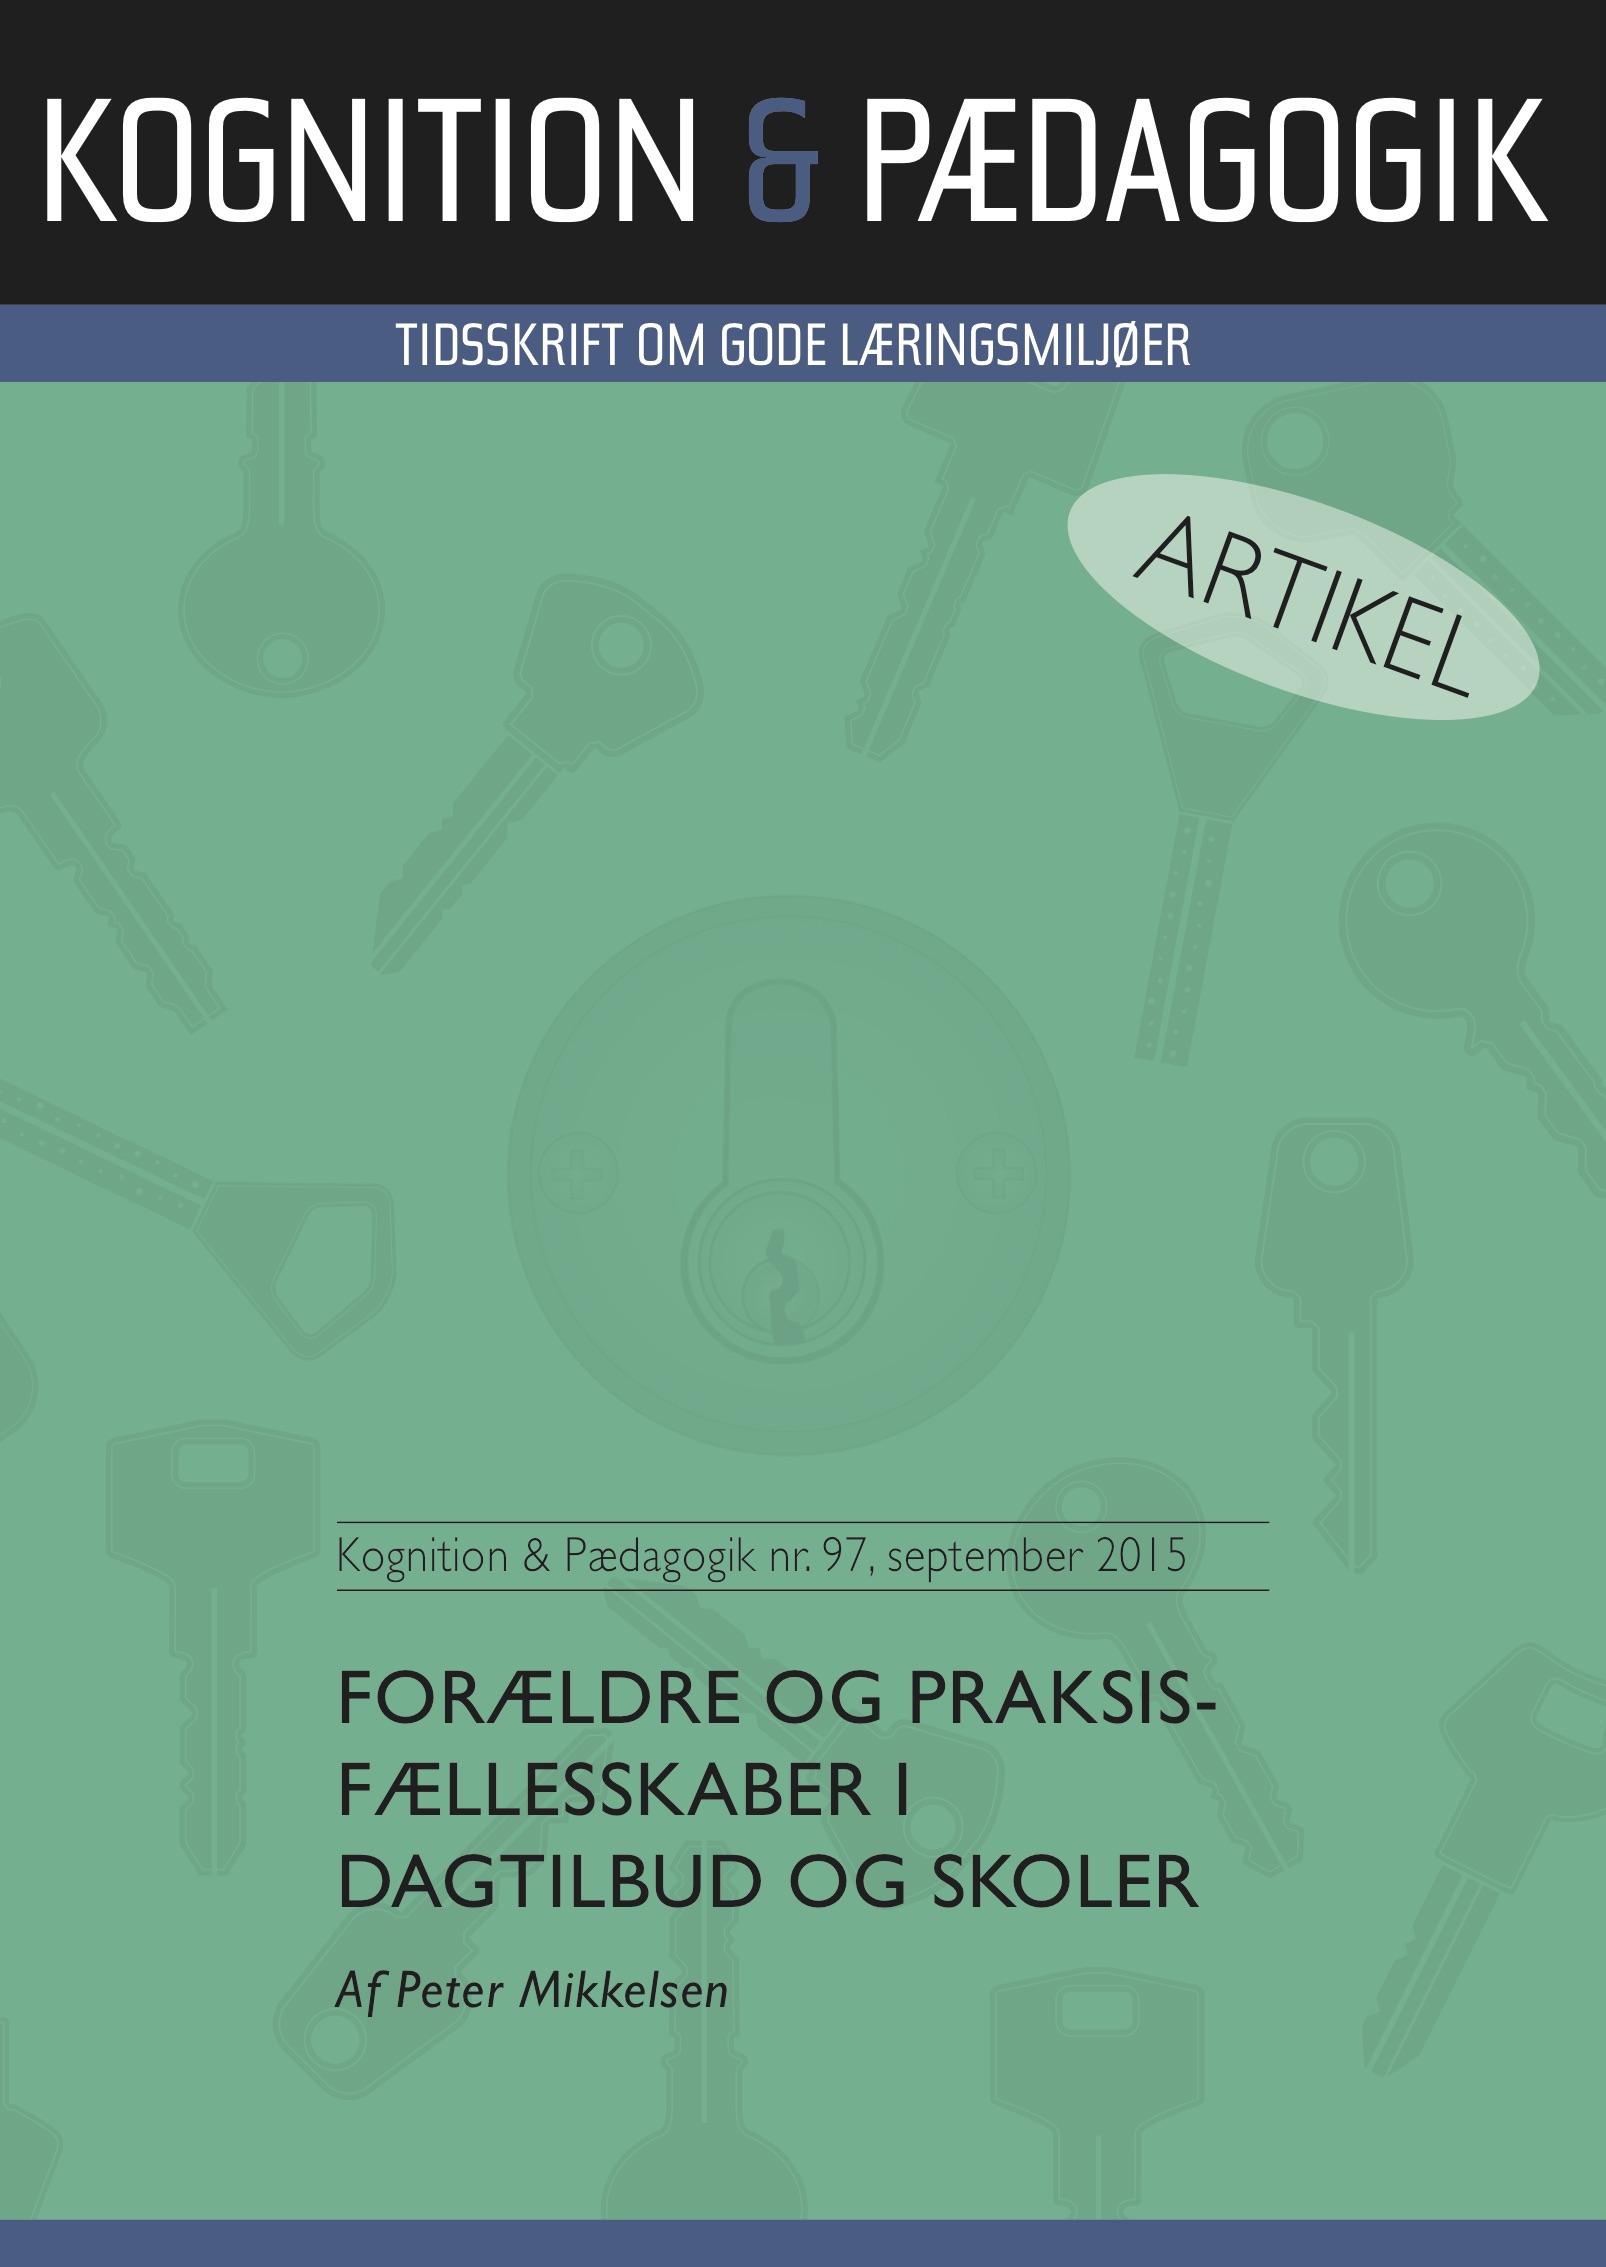 N/A Forældre og praksisfællesskaber i dagtilbud og skoler - e-bog fra bog & mystik